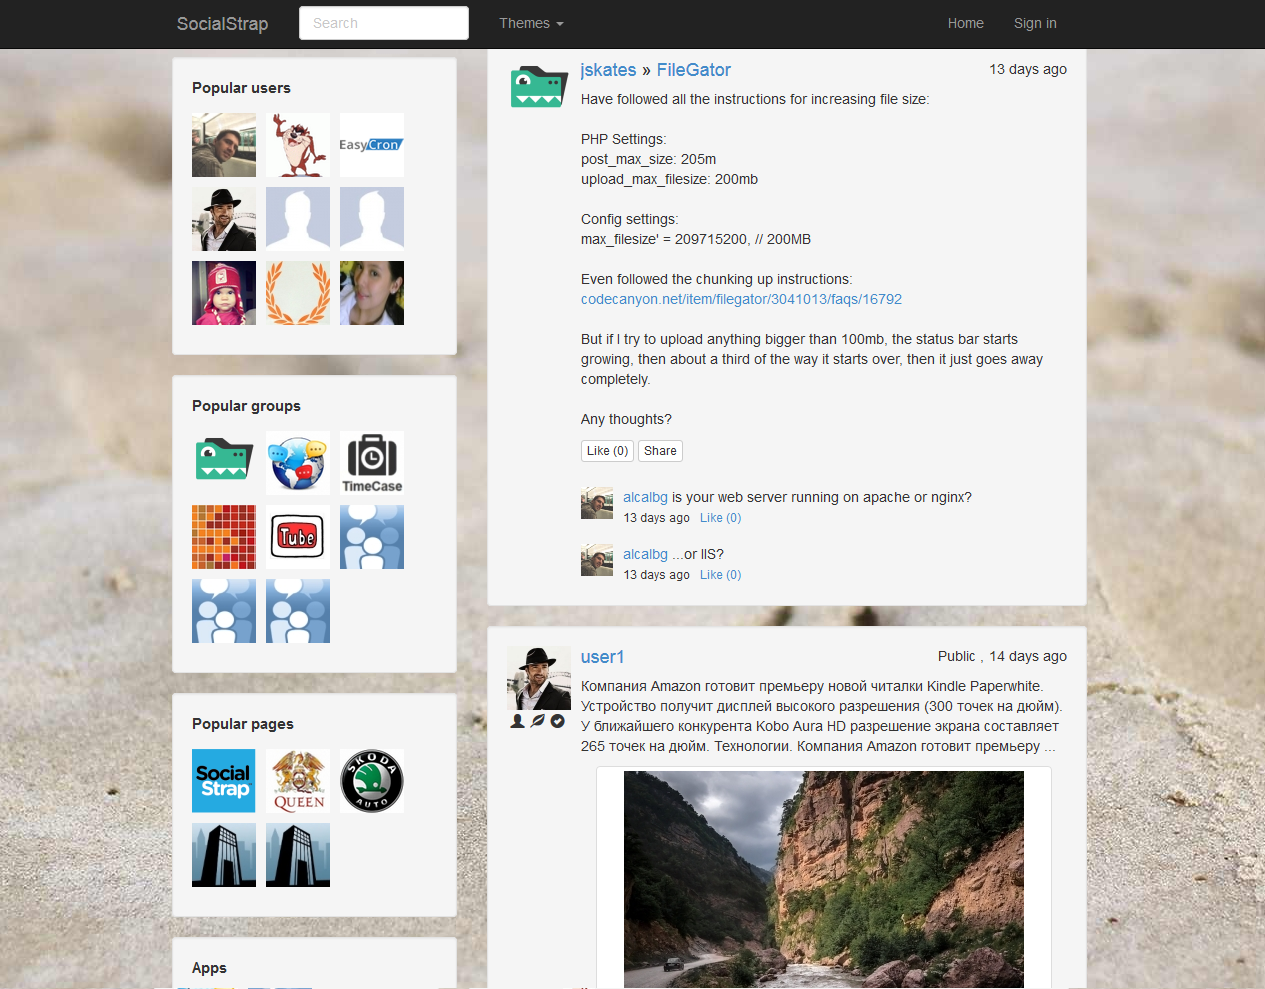 SocialStrap - Social Networking Platform